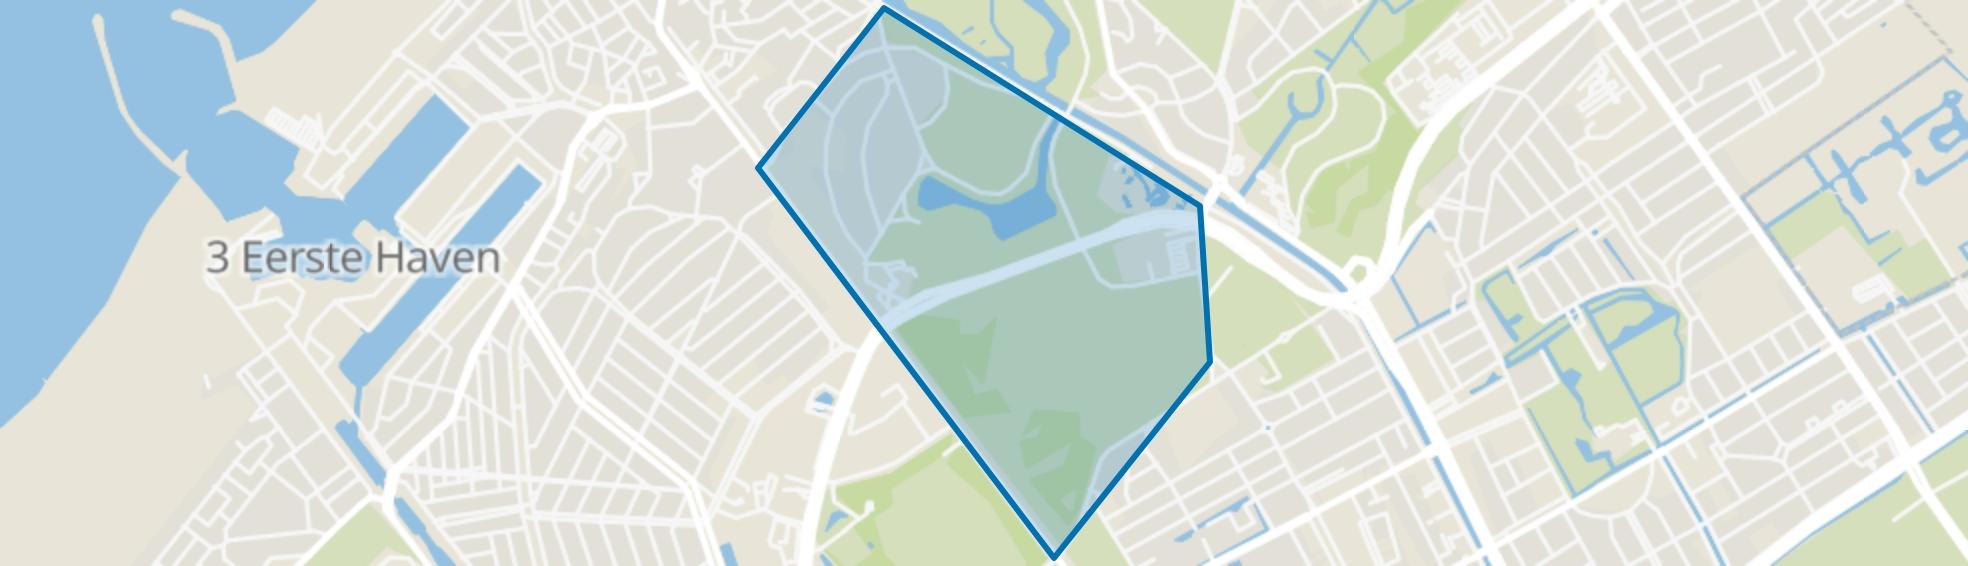 Van Stolkpark en Scheveningse Bosjes, Den Haag map